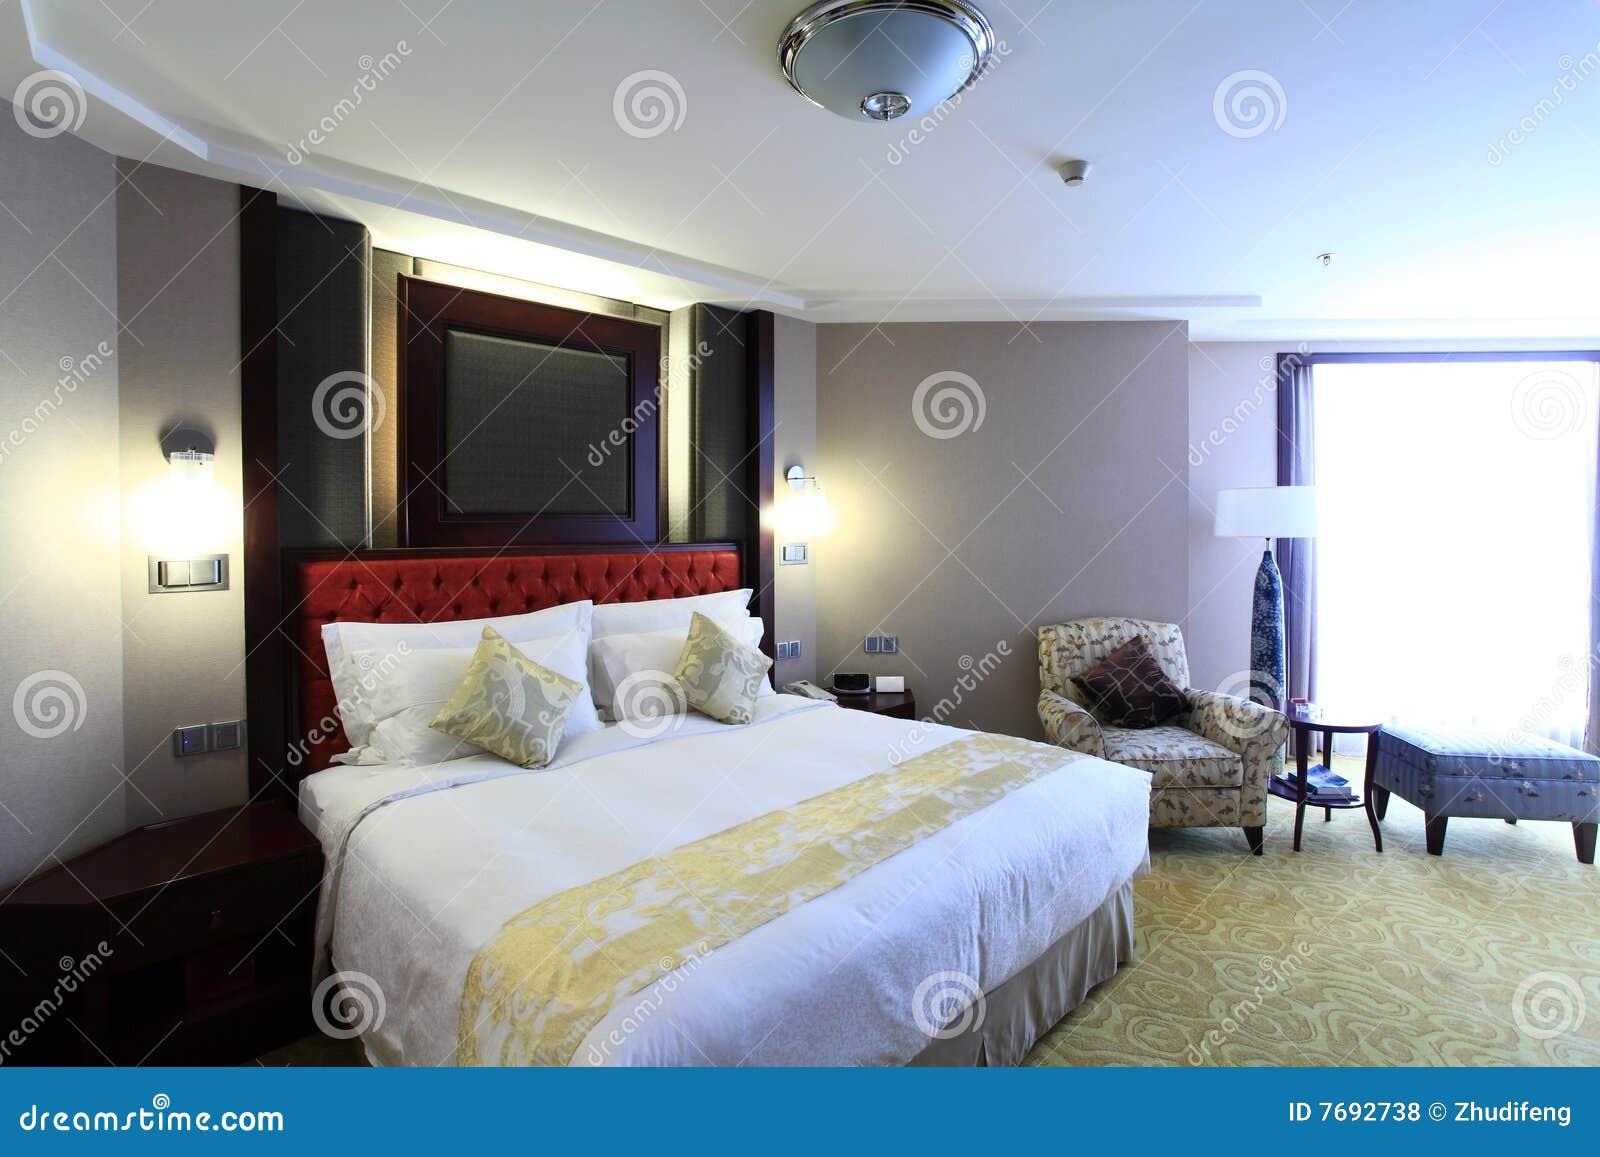 Bed In Woonkamer : Bed in woonkamer stock foto afbeelding bestaande uit living